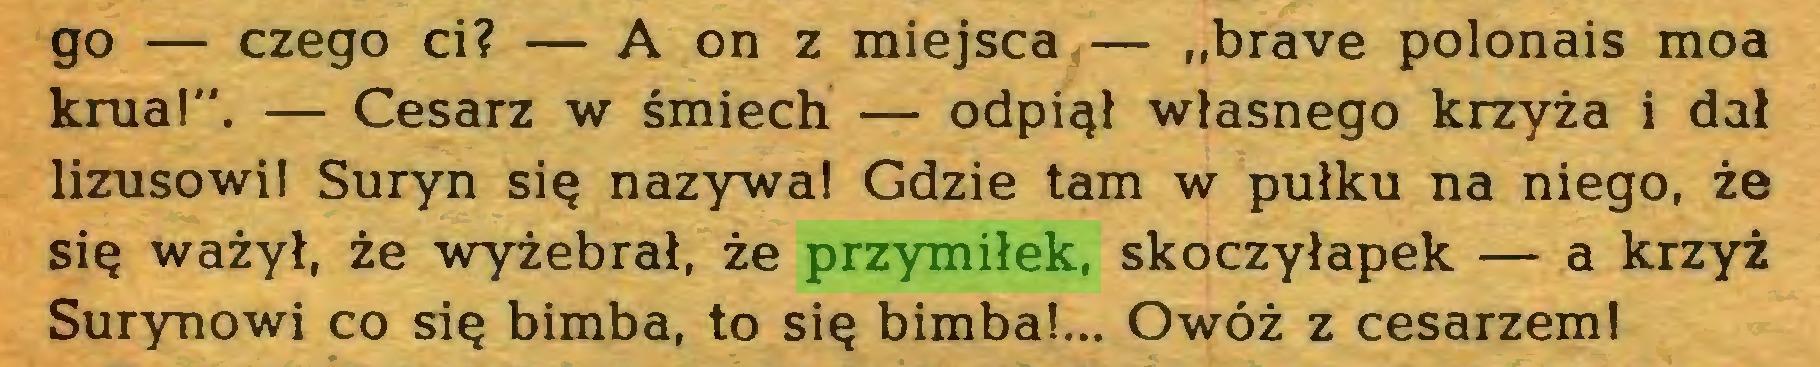 """(...) go — czego ci? — A on z miejsca — """"brave polonais moa krua!"""". — Cesarz w śmiech — odpiął własnego krzyża i dał lizusowi! Suryn się nazywa! Gdzie tam w pułku na niego, że się ważył, że wyżebrał, że przymiłek, skoczyłapek — a krzyż Surynowi co się bimba, to się bimba!... Owóż z cesarzem!..."""